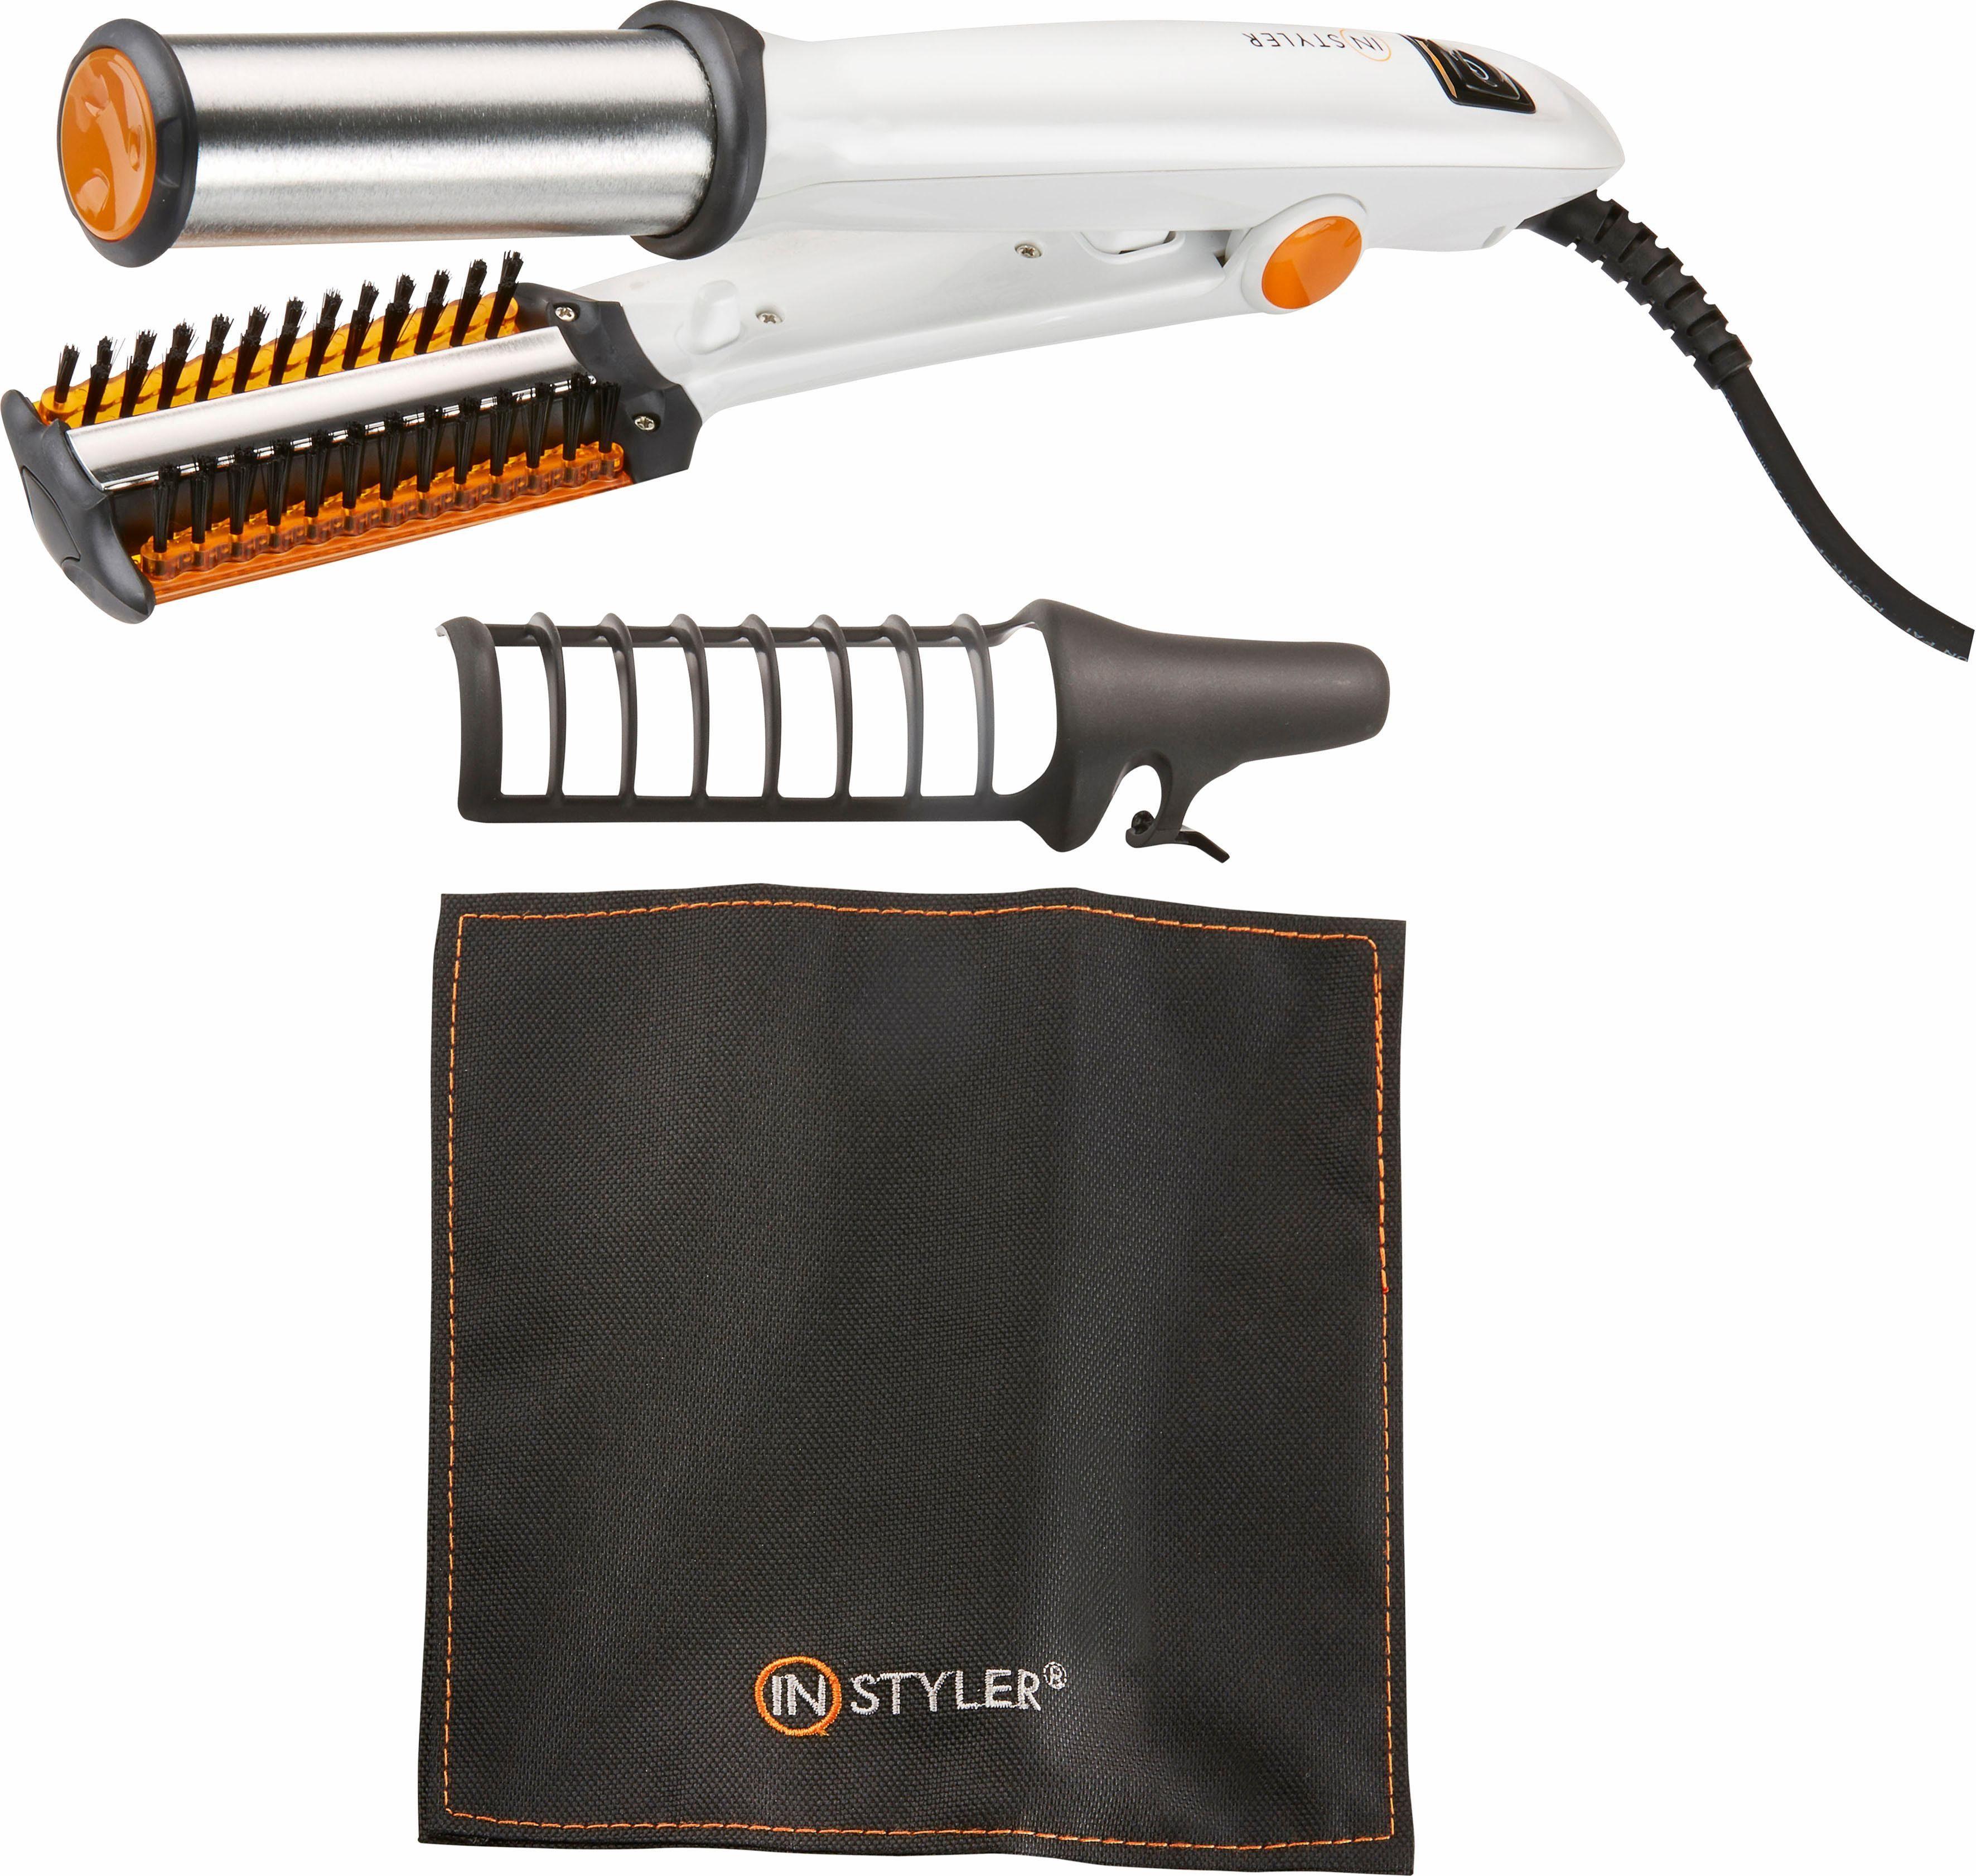 Instyler Haarglätter, -styler Titanium M6873, Glätteisen und Lockenstab in Einem